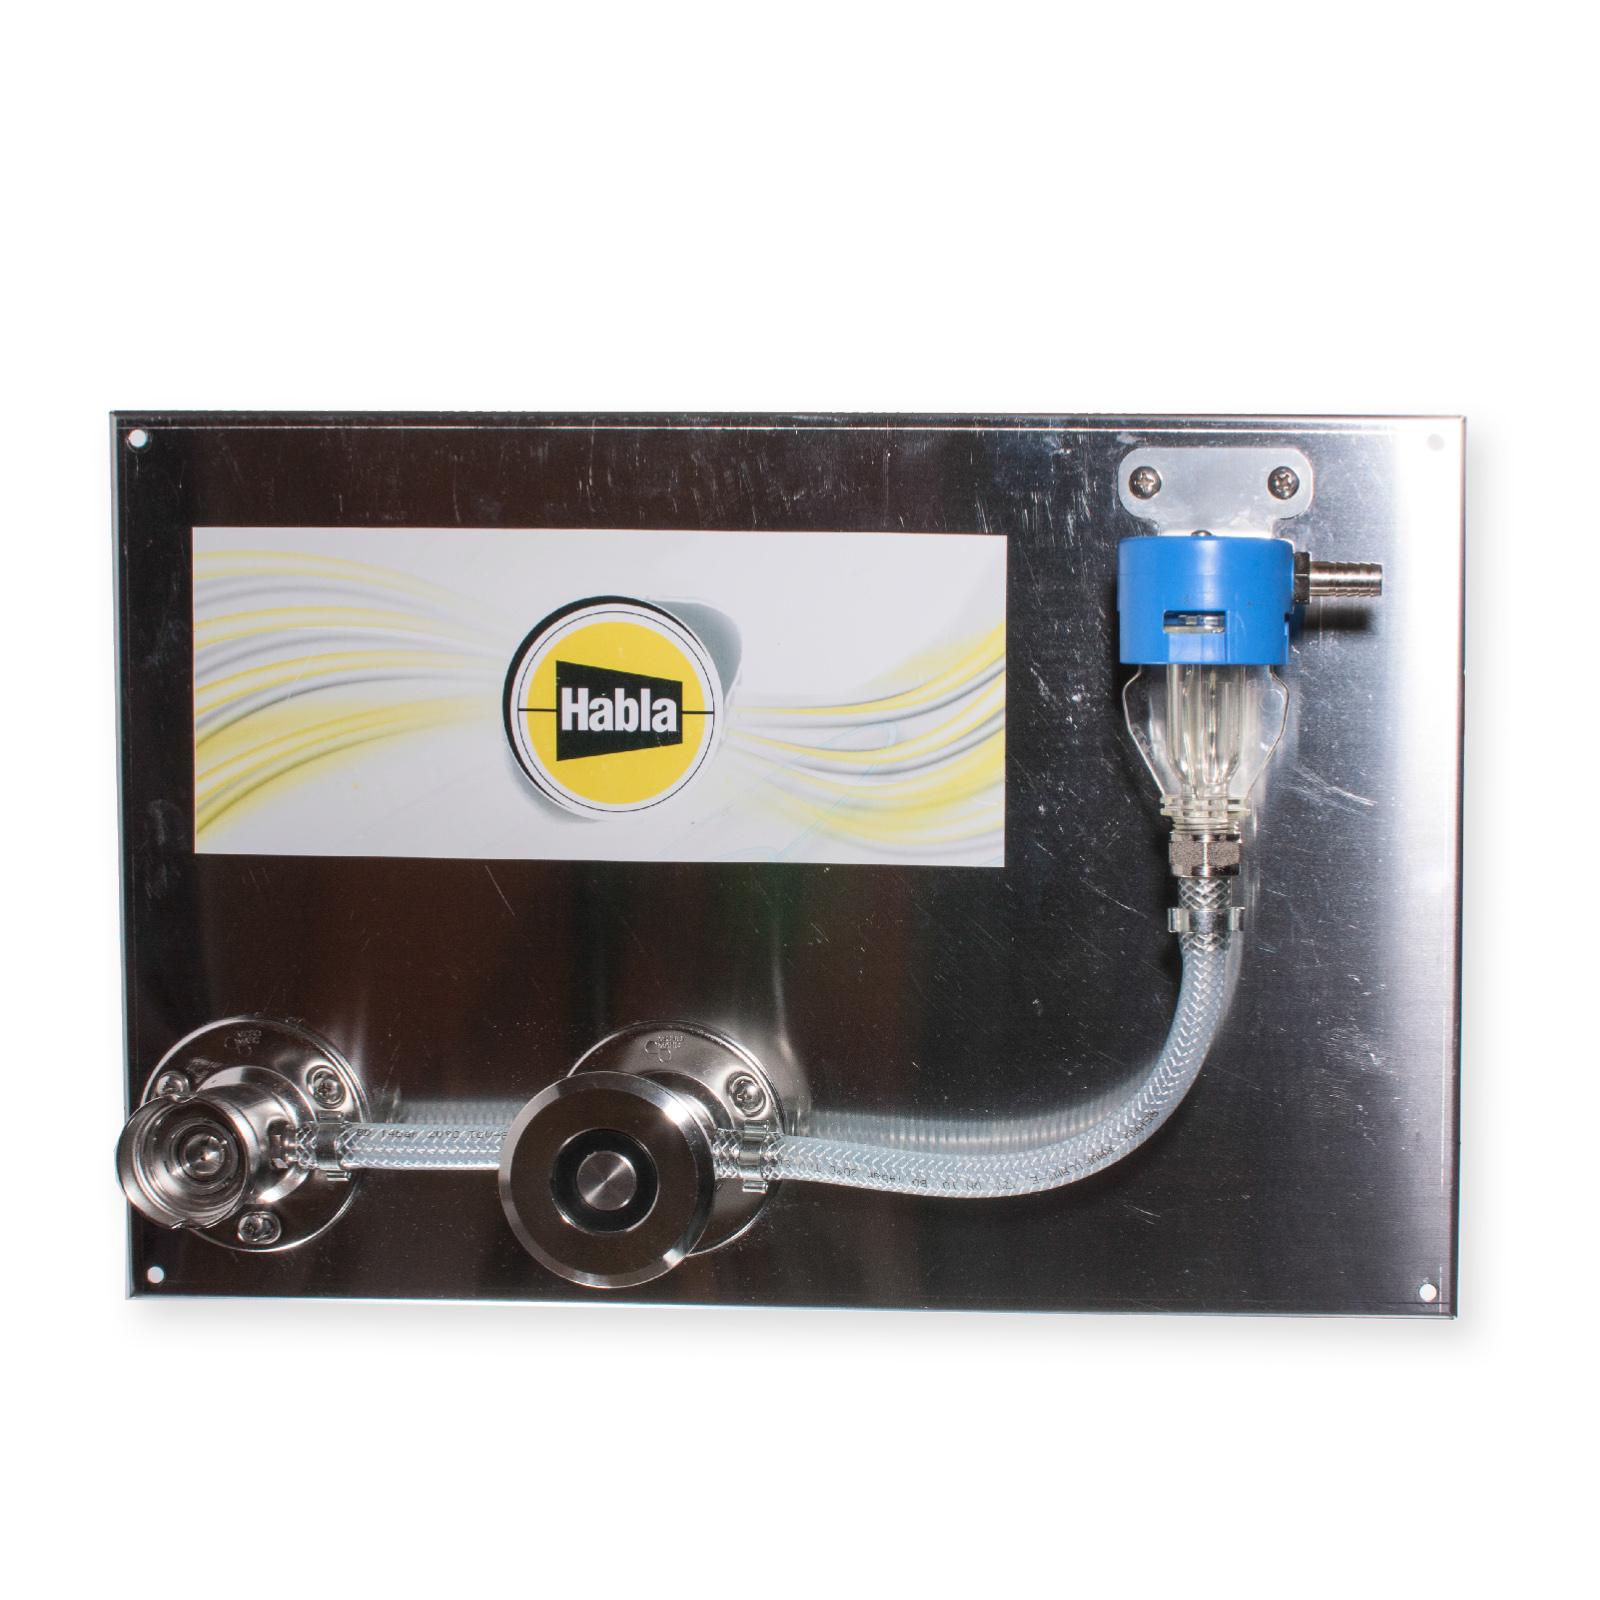 Ventil pro sanitaci domácích výčepů s mycí hlavou (flach + micro)